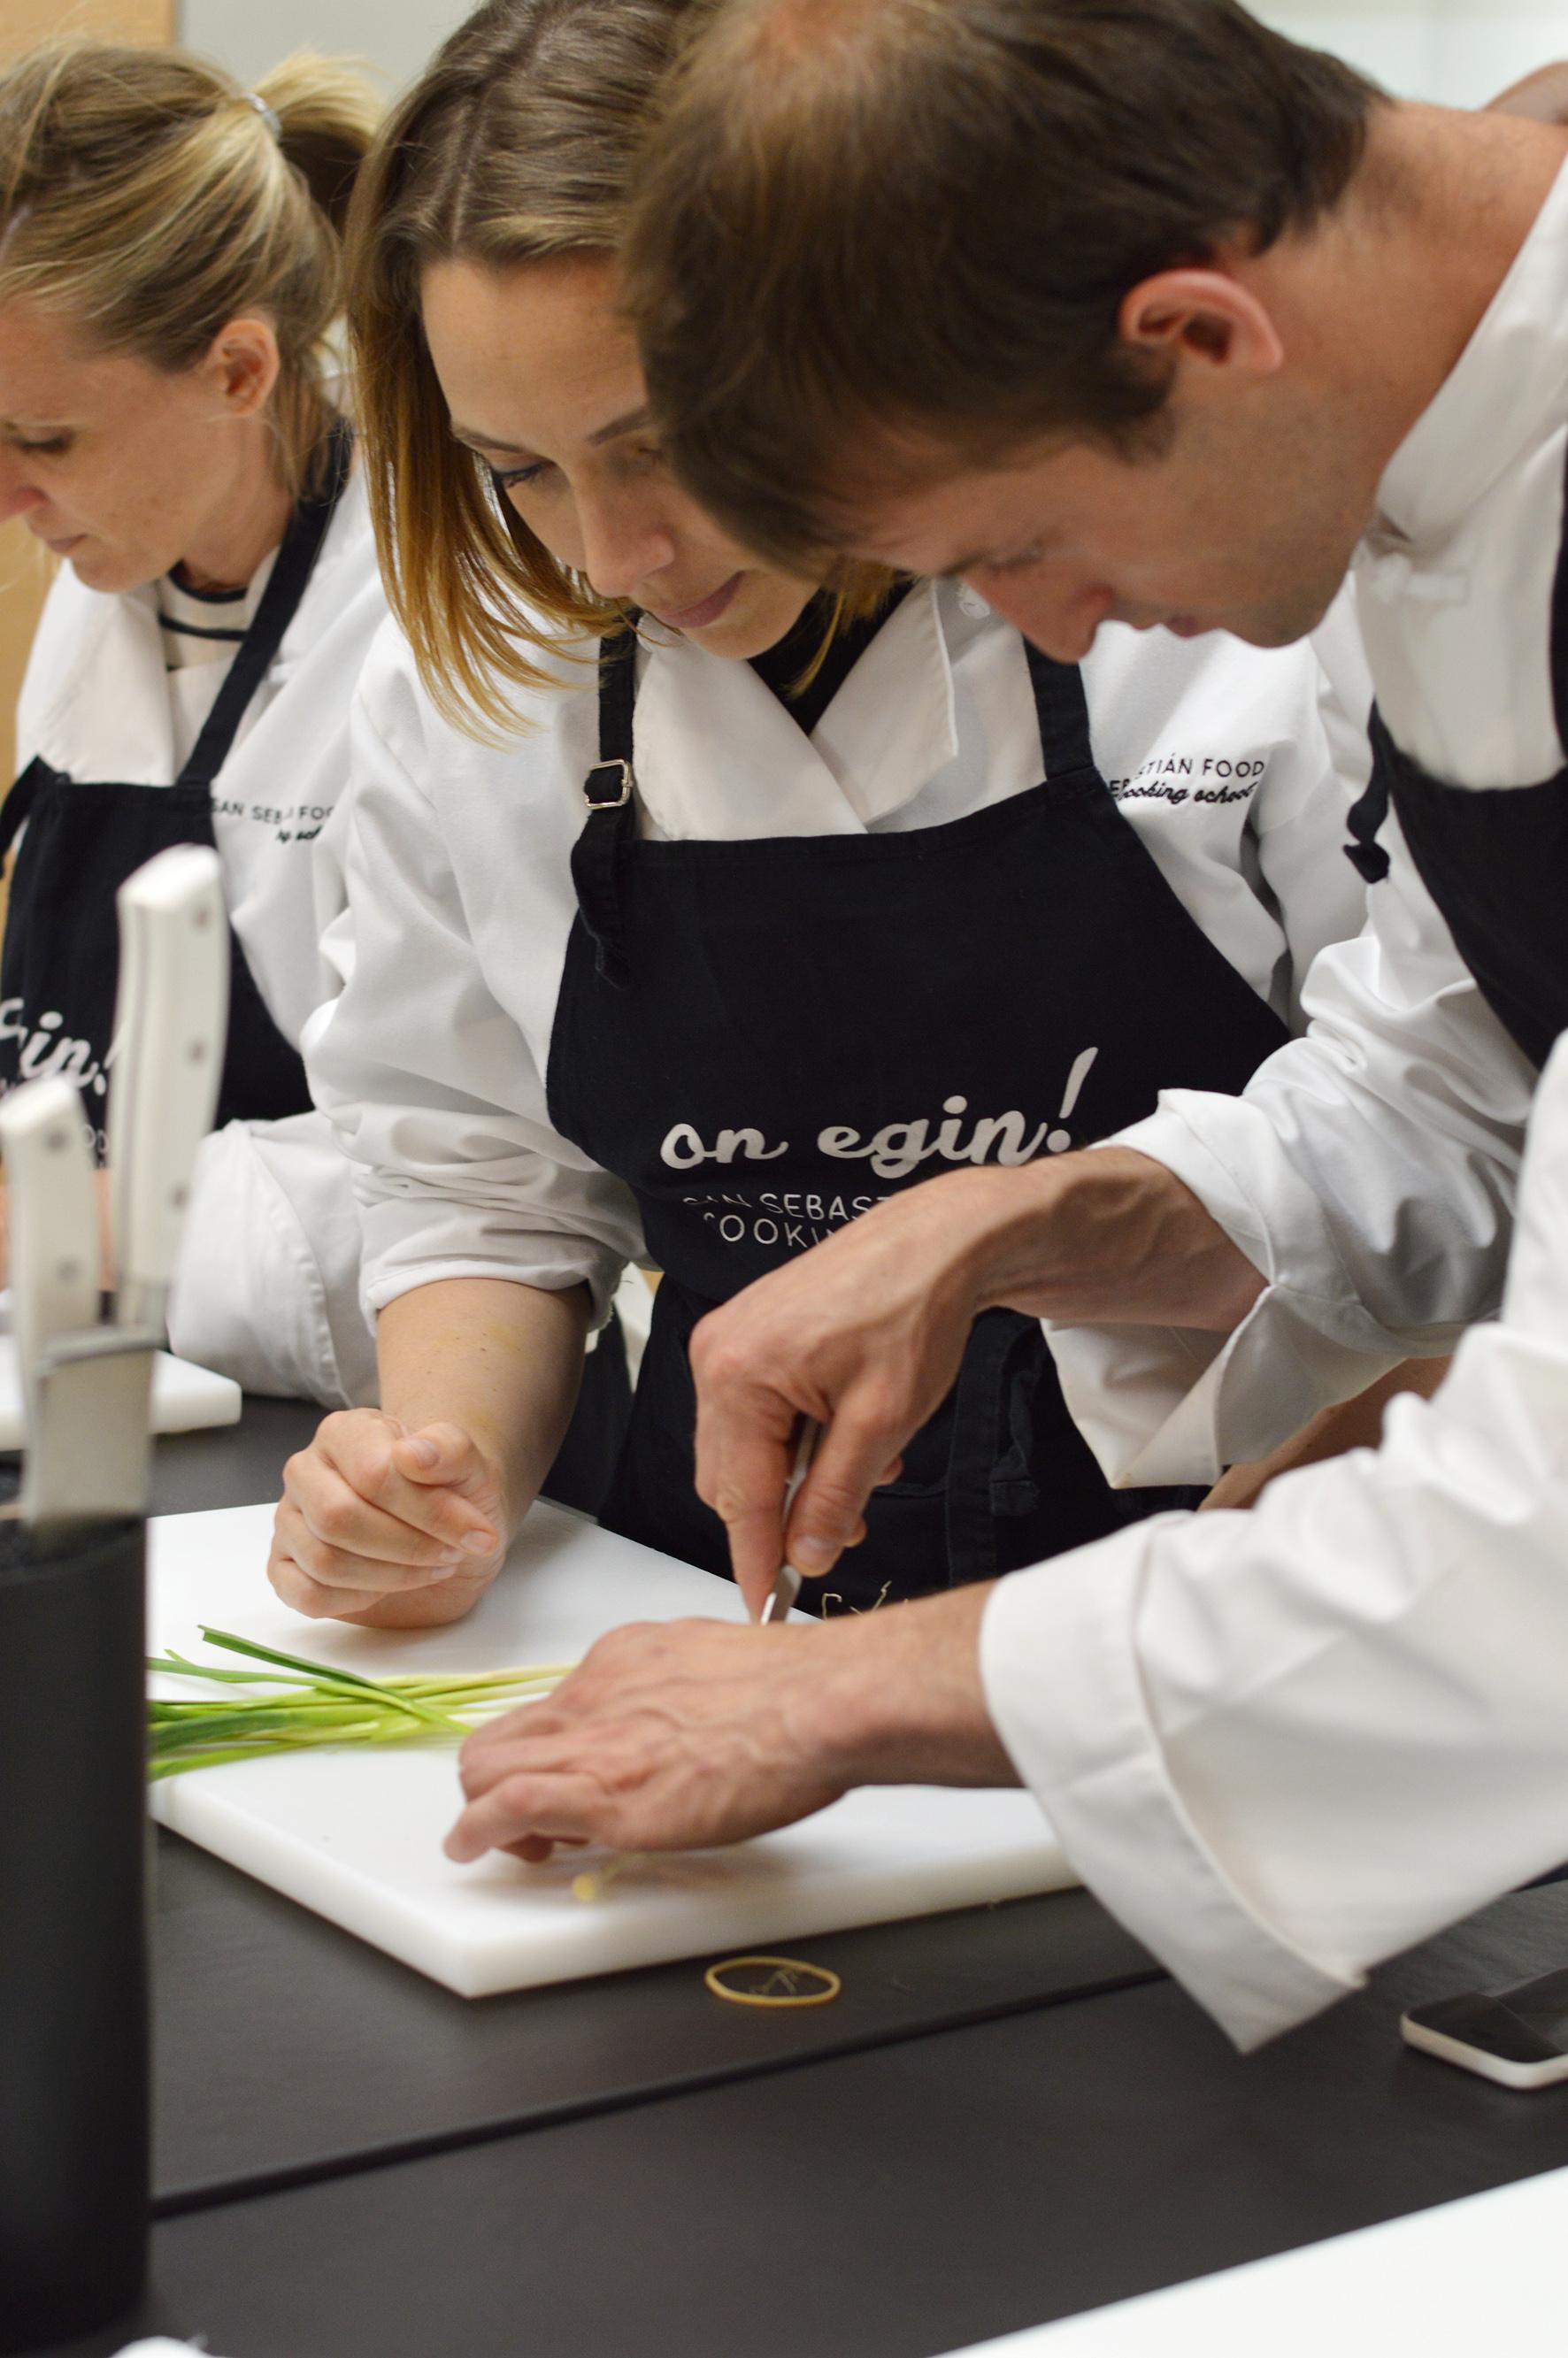 Cooking Class - Plus une miette